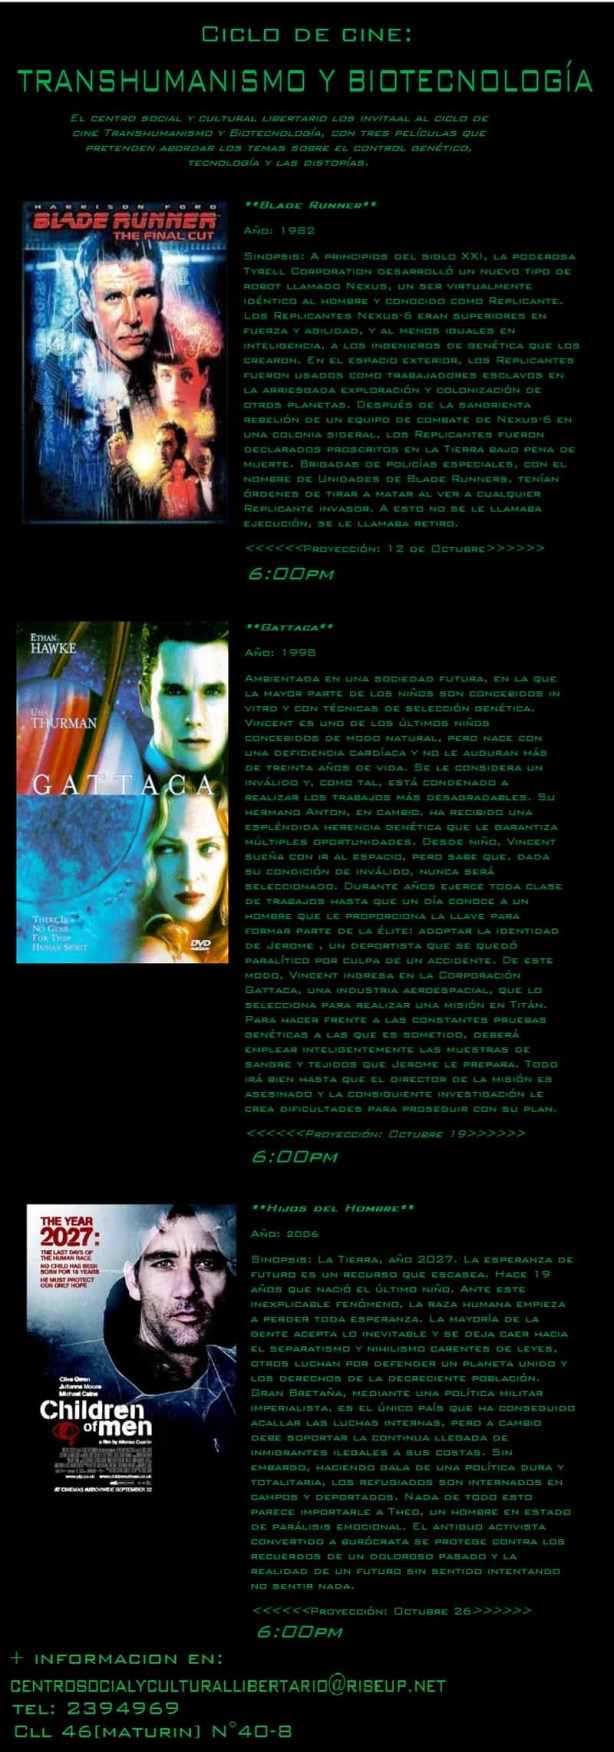 Volante del Ciclo de Cine: Transhumanismo y Biotecnología